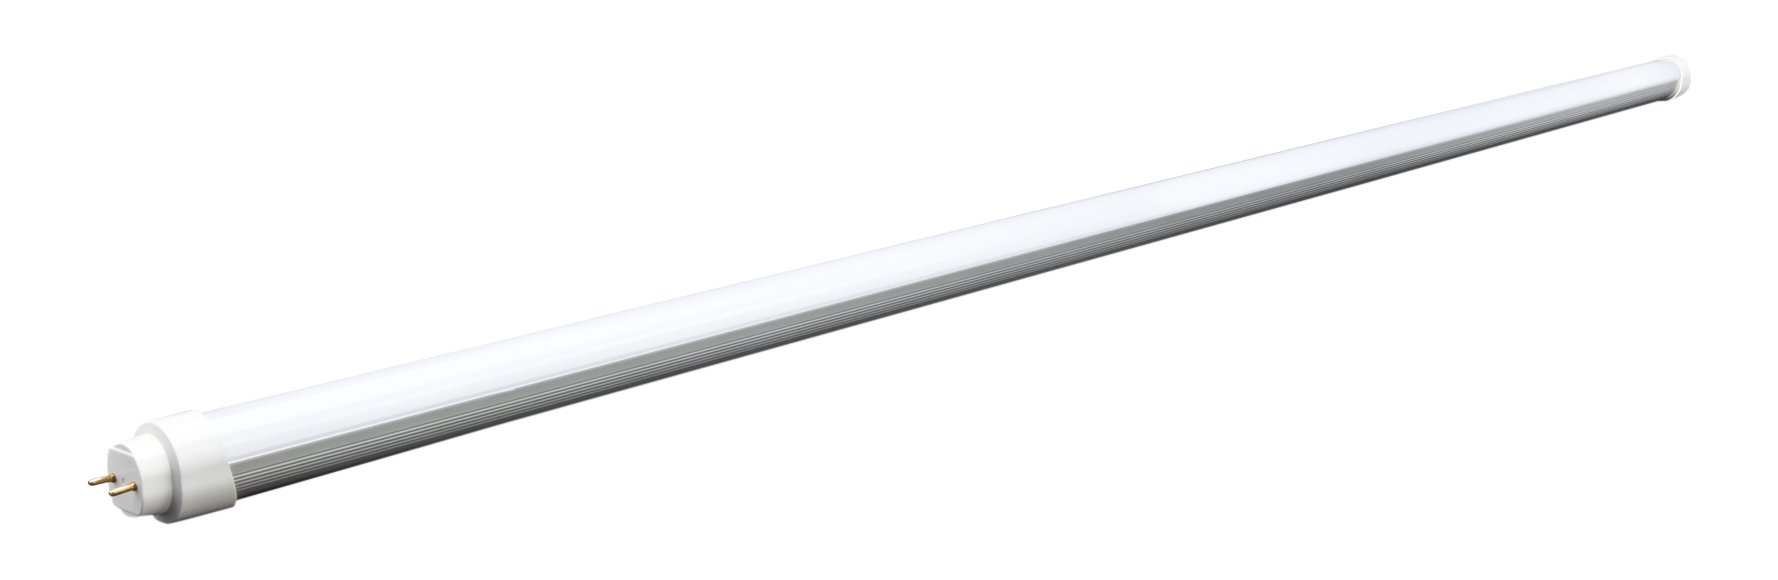 Forest Lighting T8T441 4100K 19W LED Linear T8 Tube Light (20 Pack), 4' by Forest Lighting